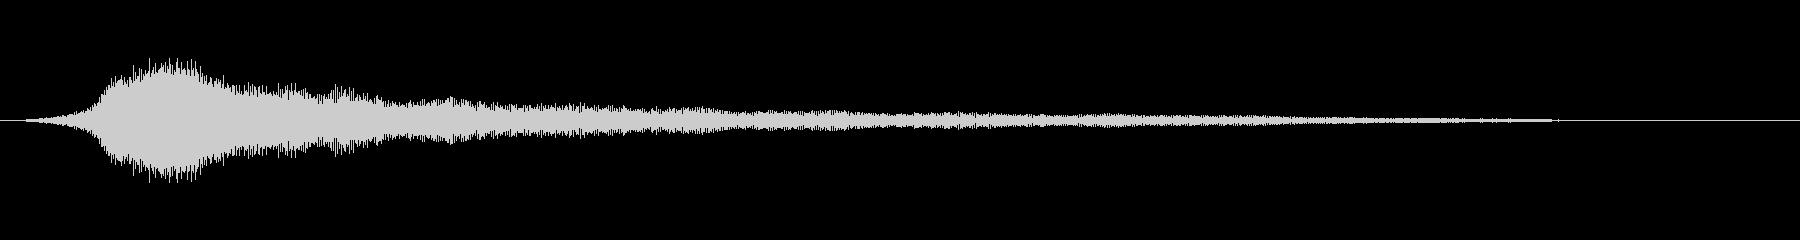 Sabian 18 Cymbol ...の未再生の波形